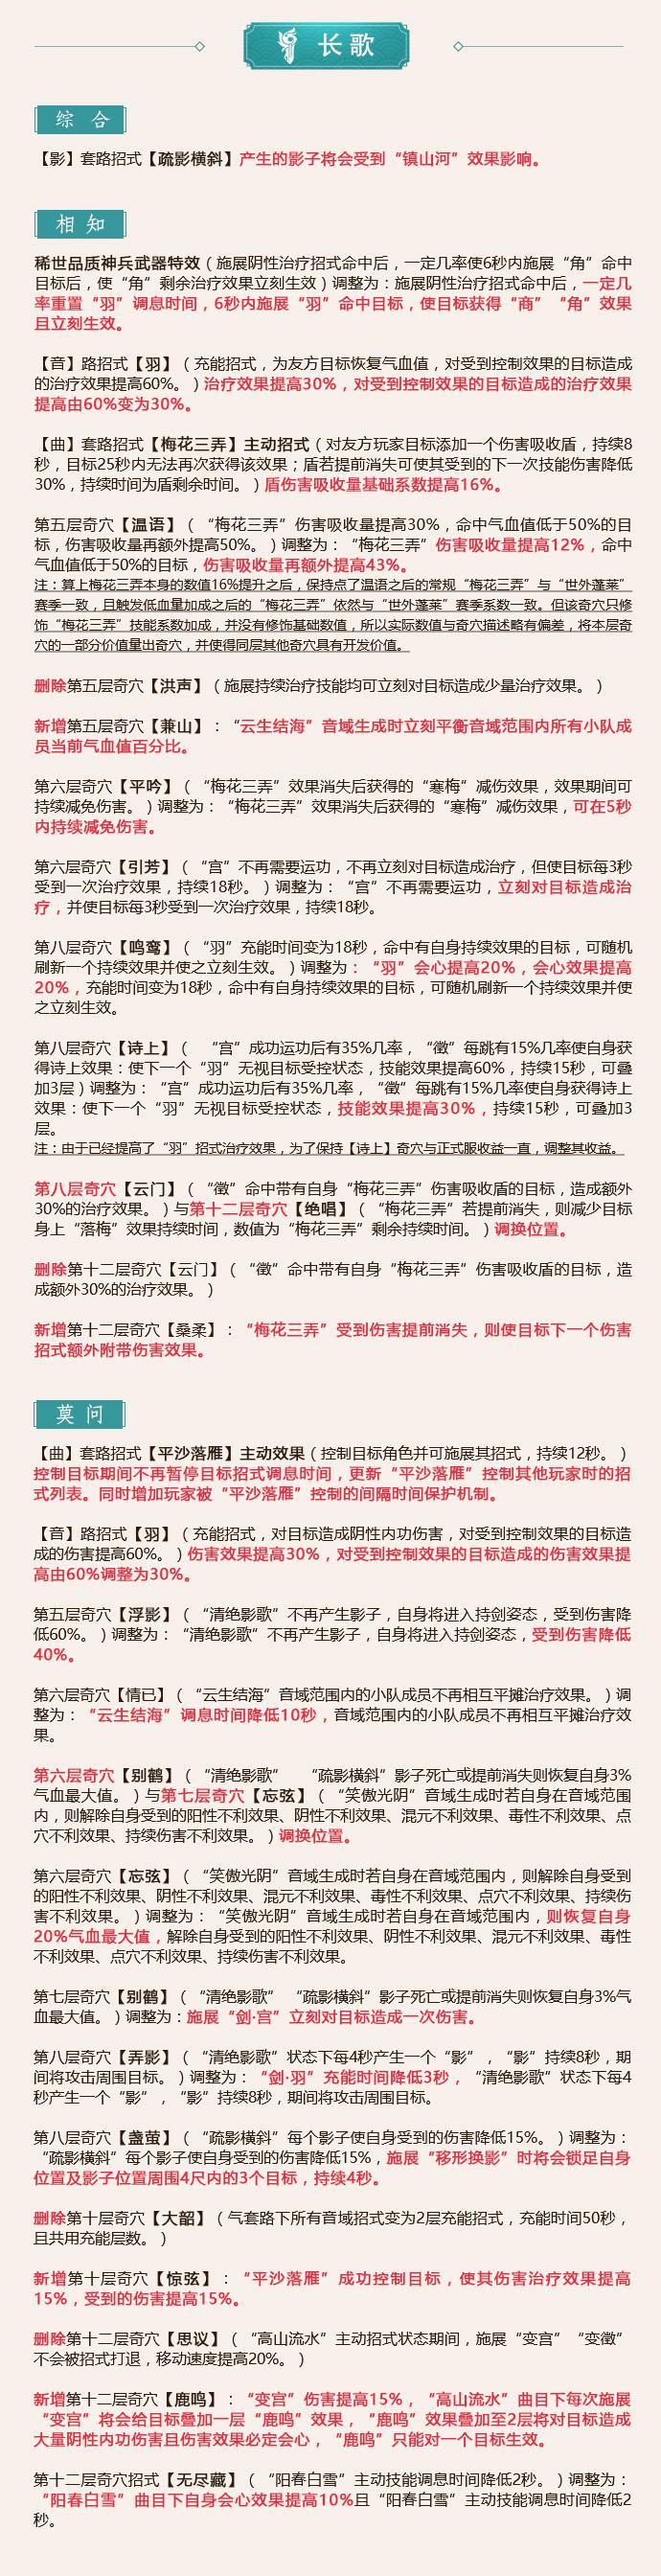 《剑网3》怒海争锋6月20日长歌技改